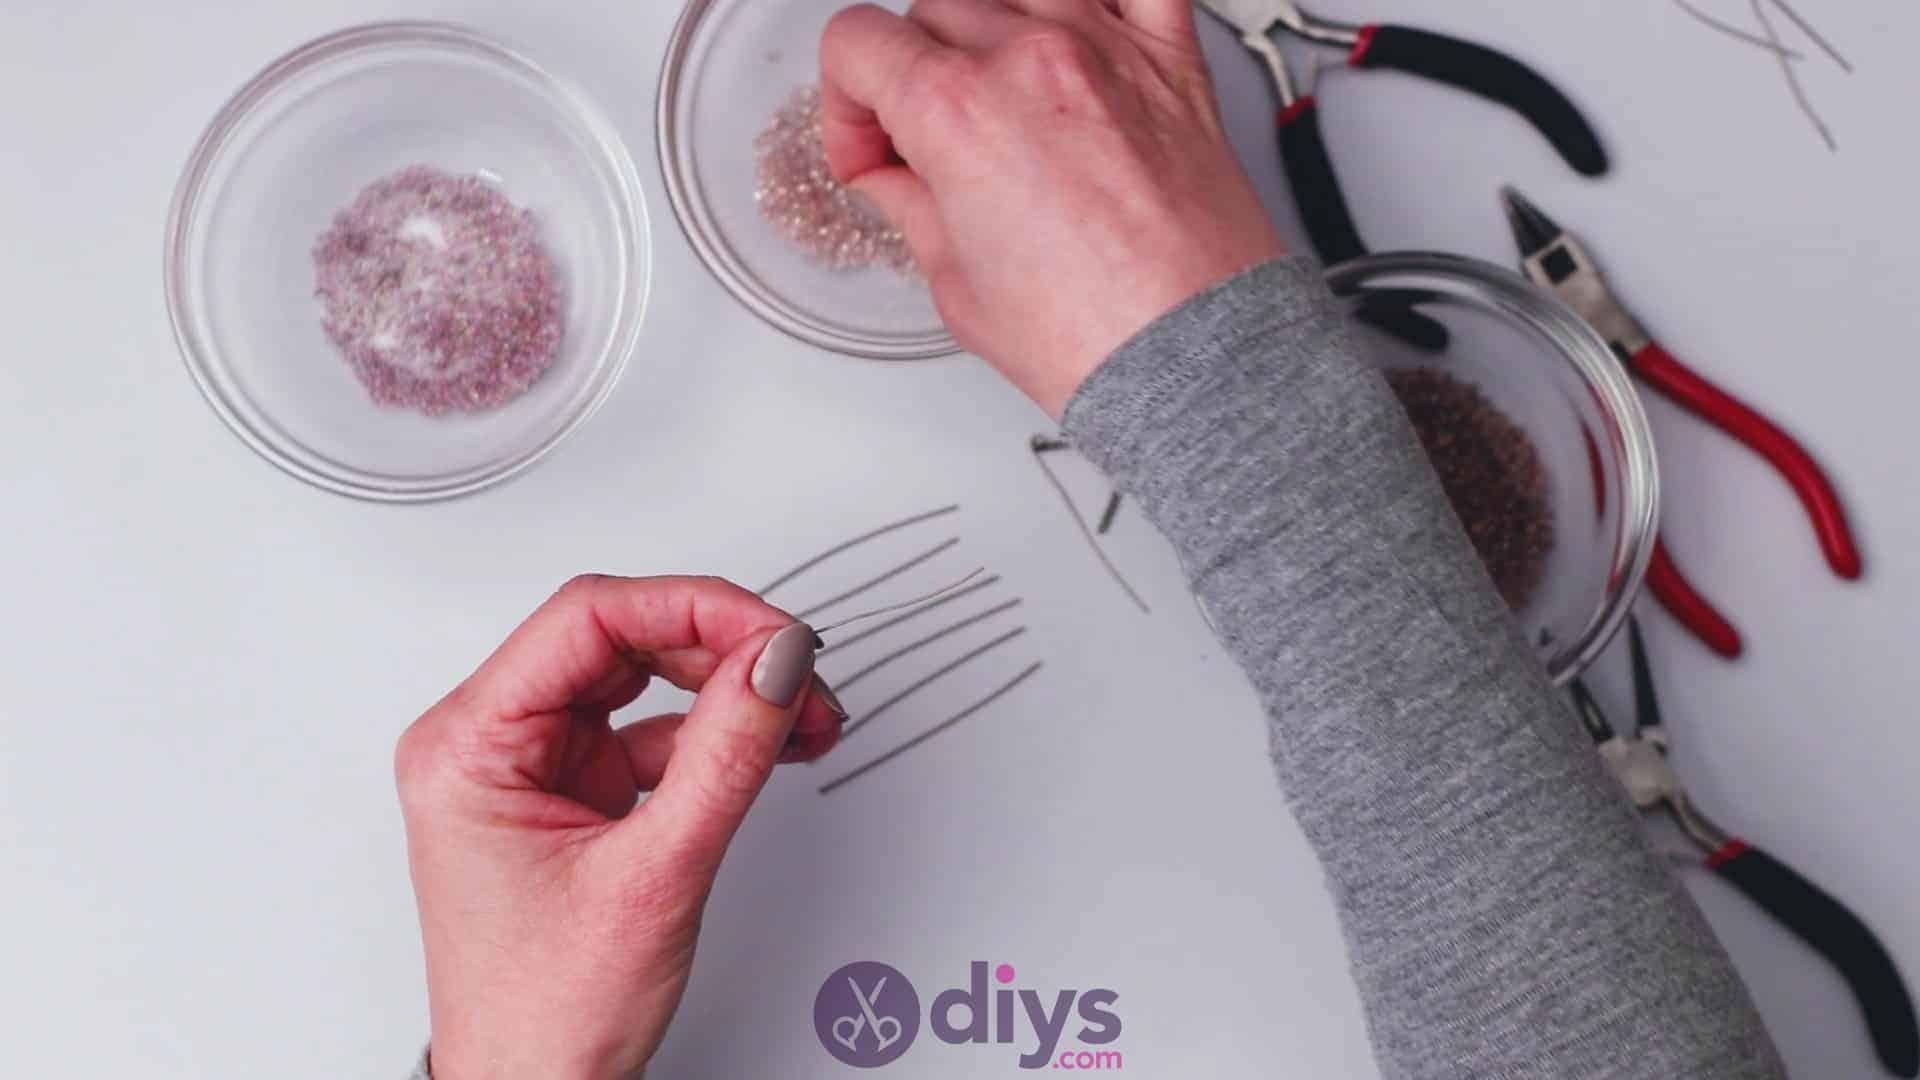 Diy seed bead fringe earrings step 4